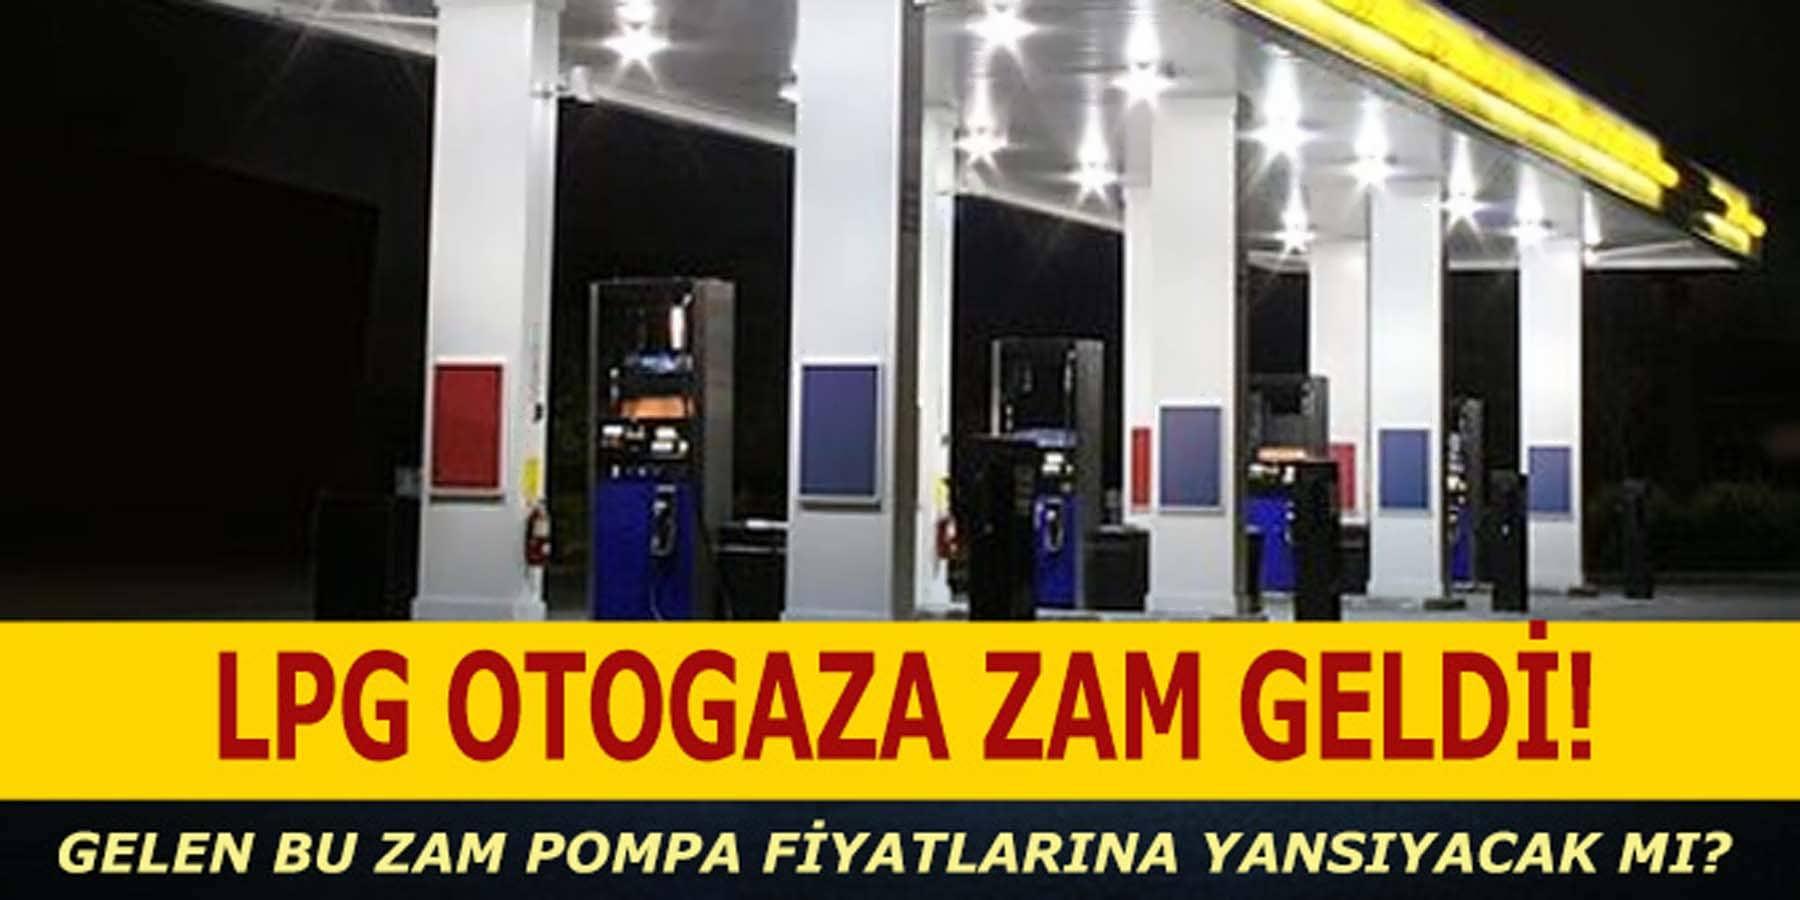 LPG'ye Zam Geldiği Açıklandı Pompa Fiyatlarına Yansıyacak Mı